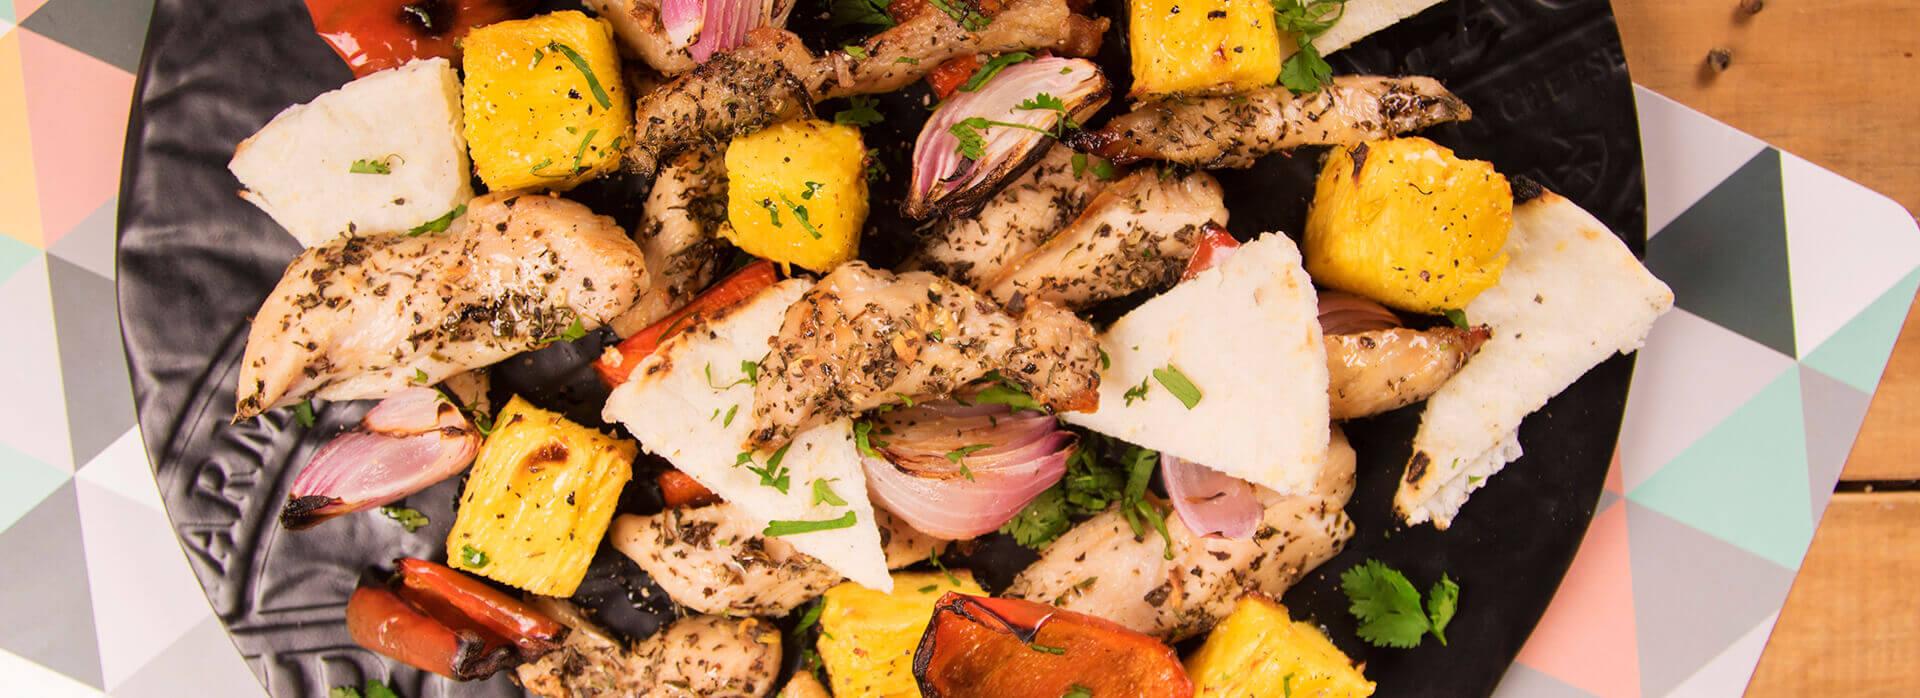 Receta de picada de pollo y vegetales